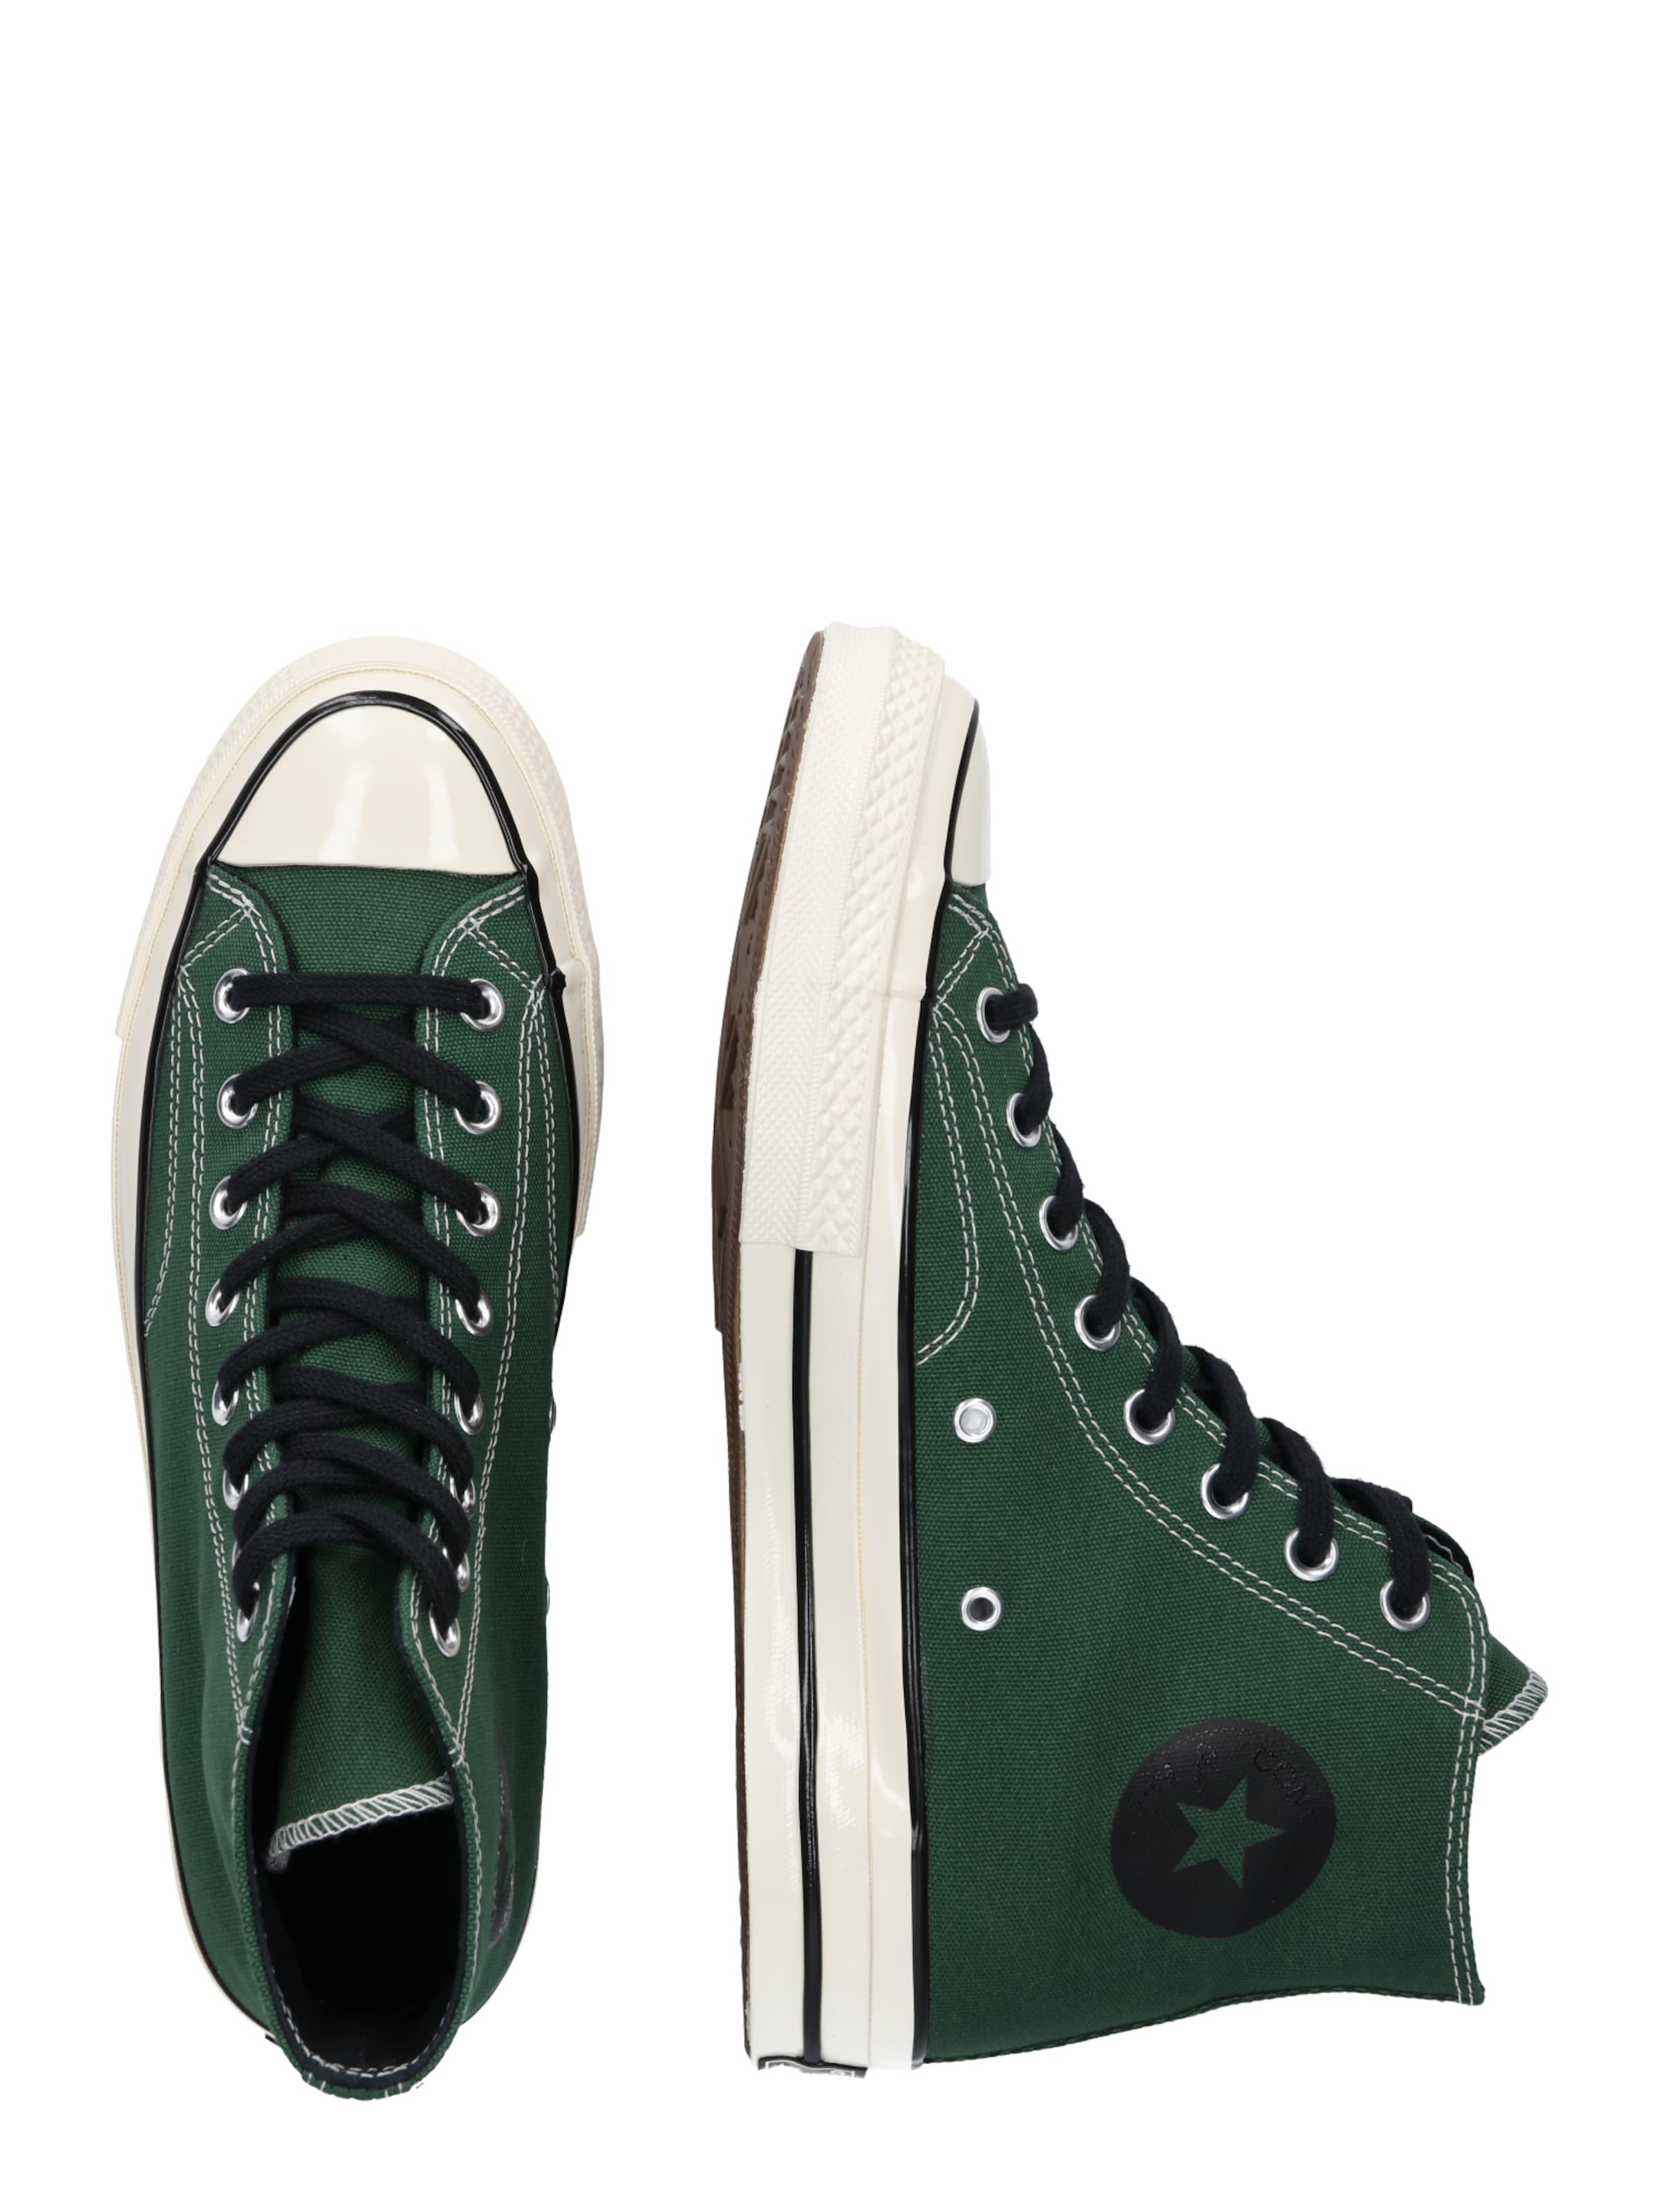 DunkelgrünWeiß 'chuck Converse In 70Hi' Sneaker RcAq5L3j4